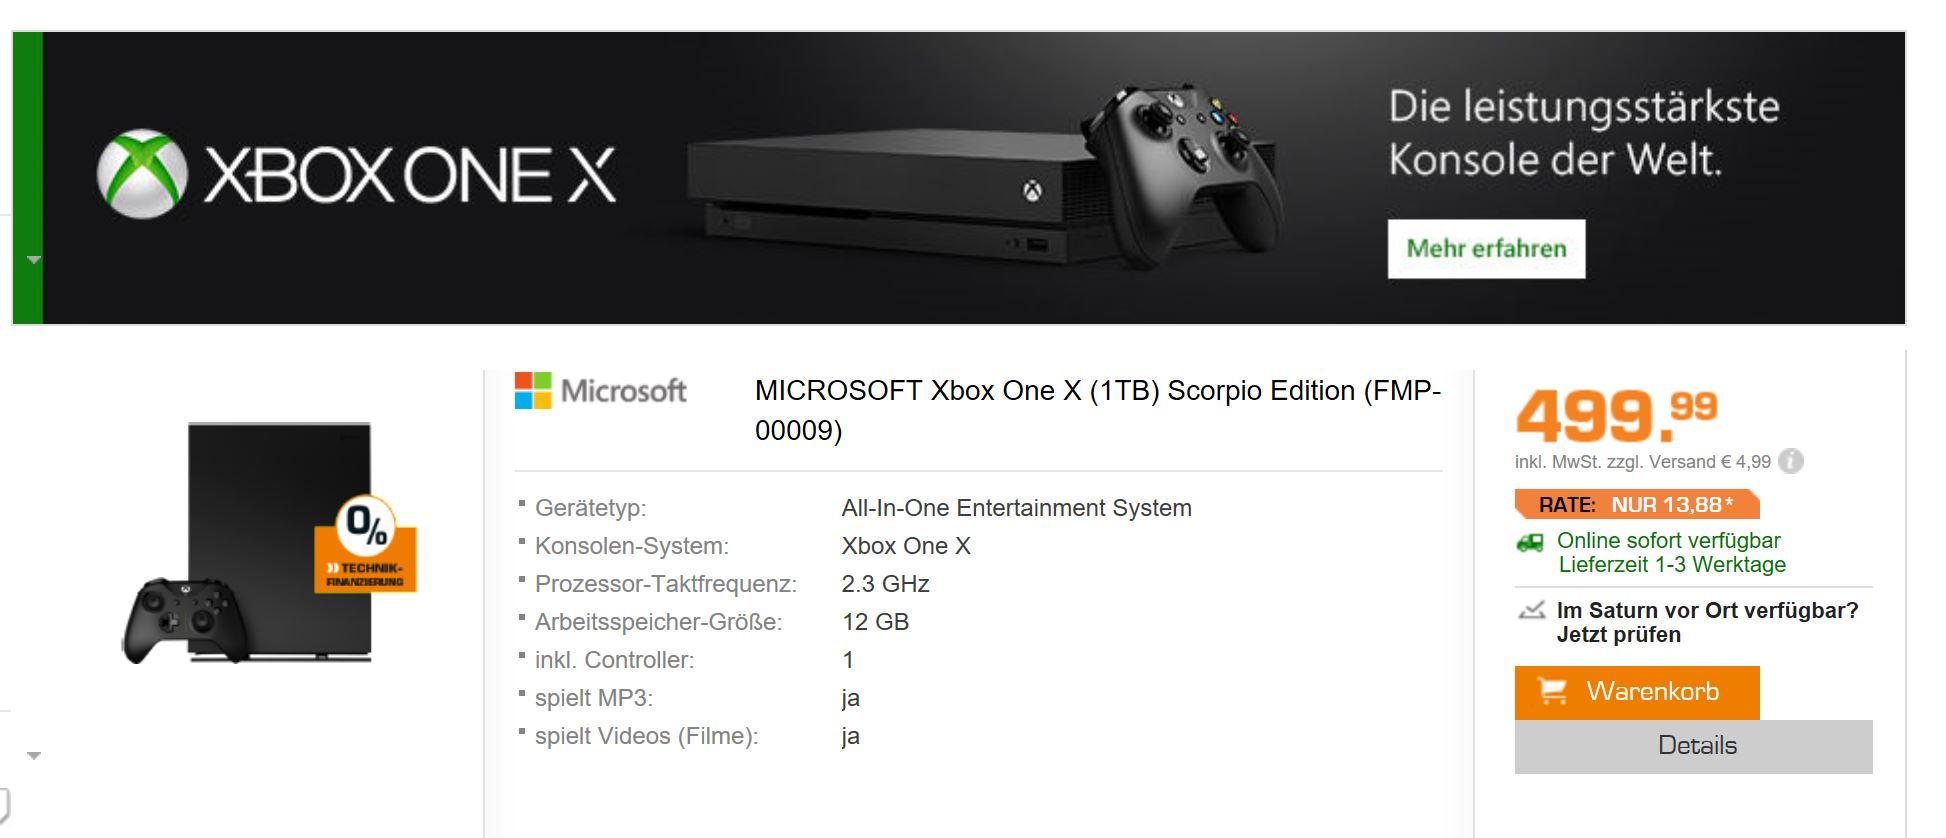 Xbox One Scorpio Edition bei Saturn Online verfügbar